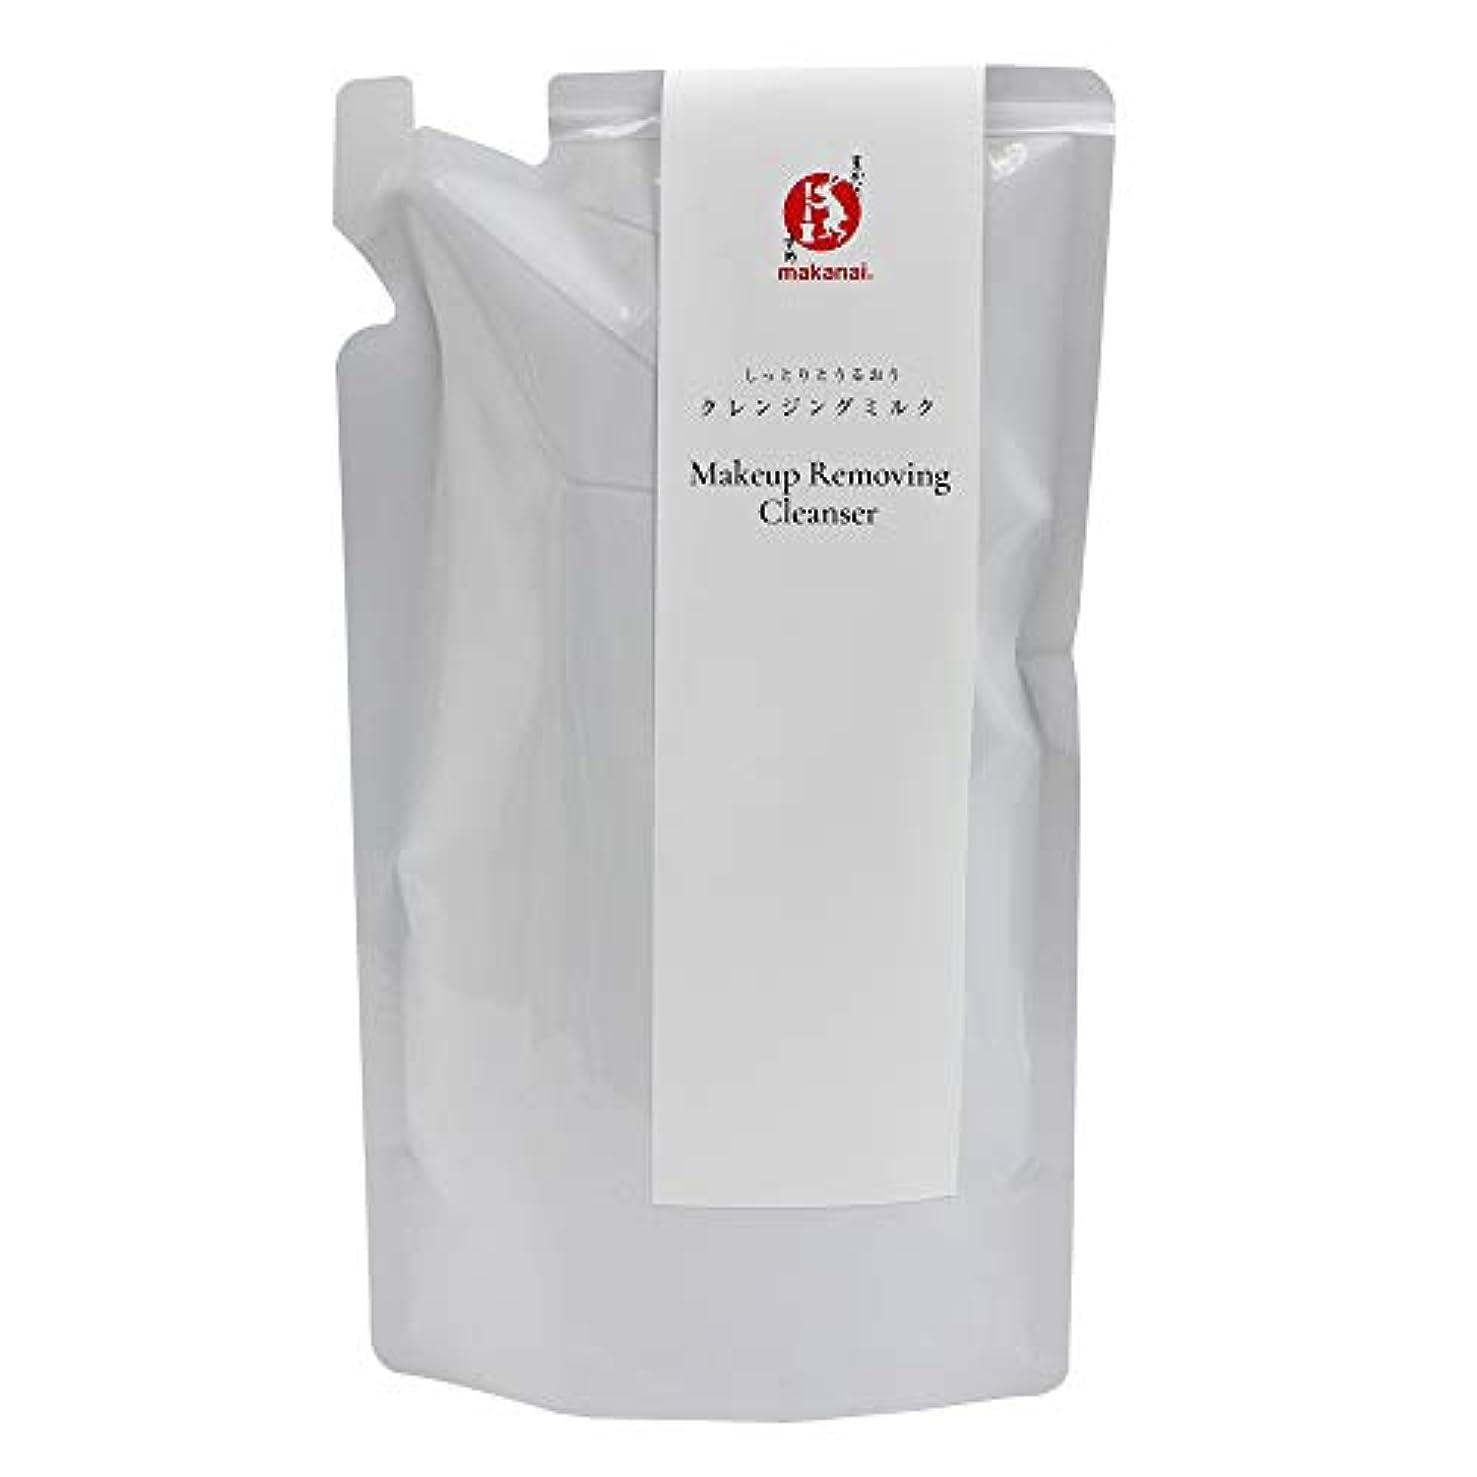 プロトタイプ出席するスクリーチまかないこすめ しっとりとうるおうクレンジングミルク(詰め替え用) 140ml